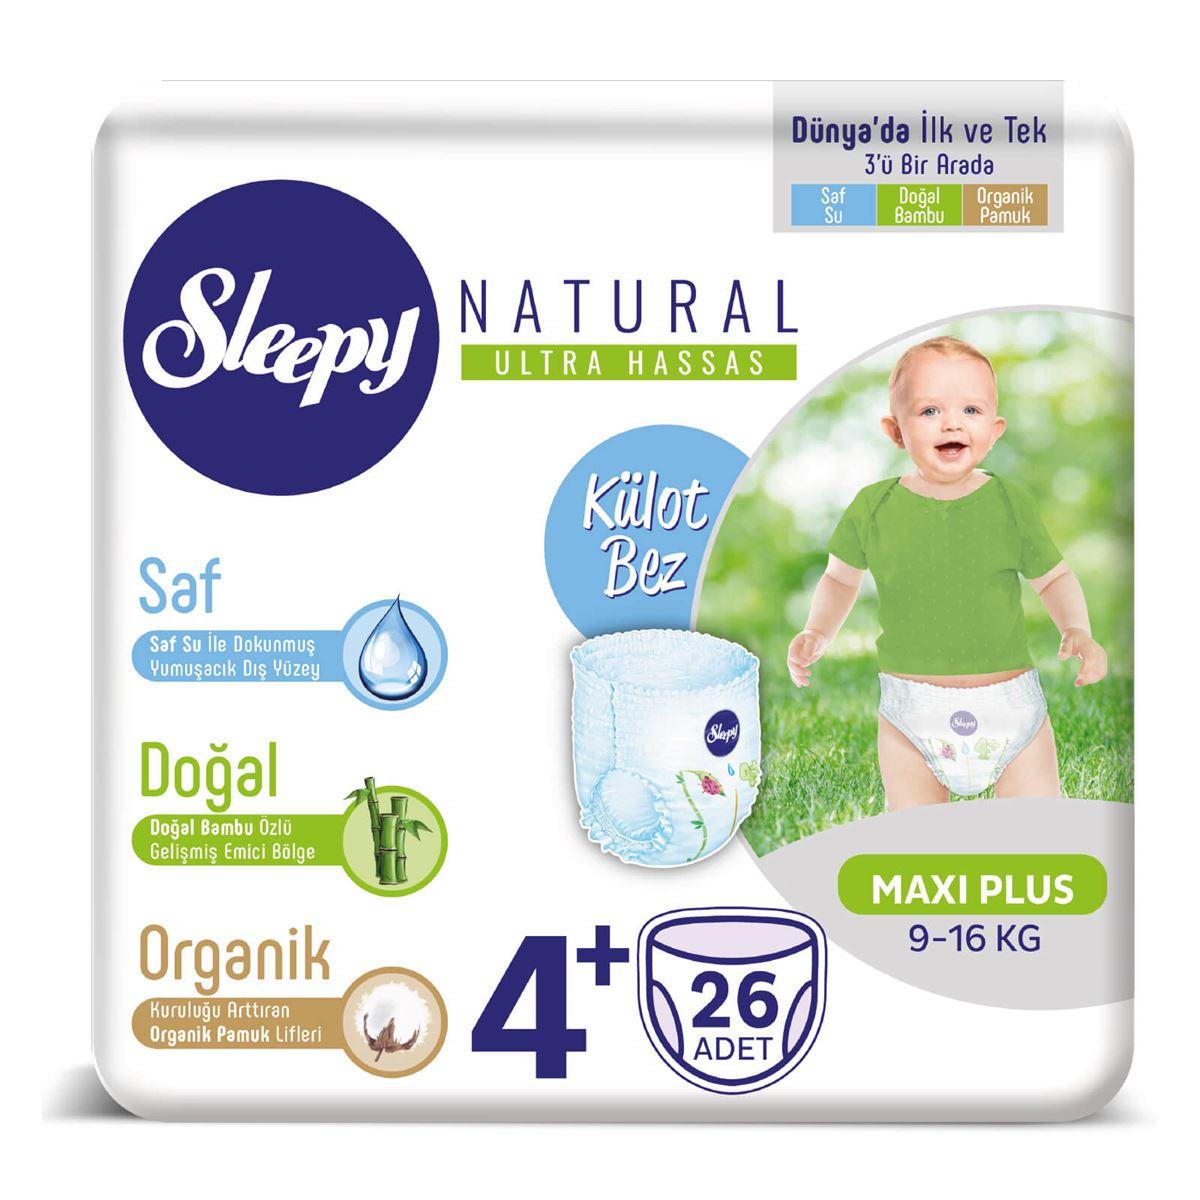 Sleepy Natural KÜLOT Bez 4+ Numara Maxi Plus 26 Adet